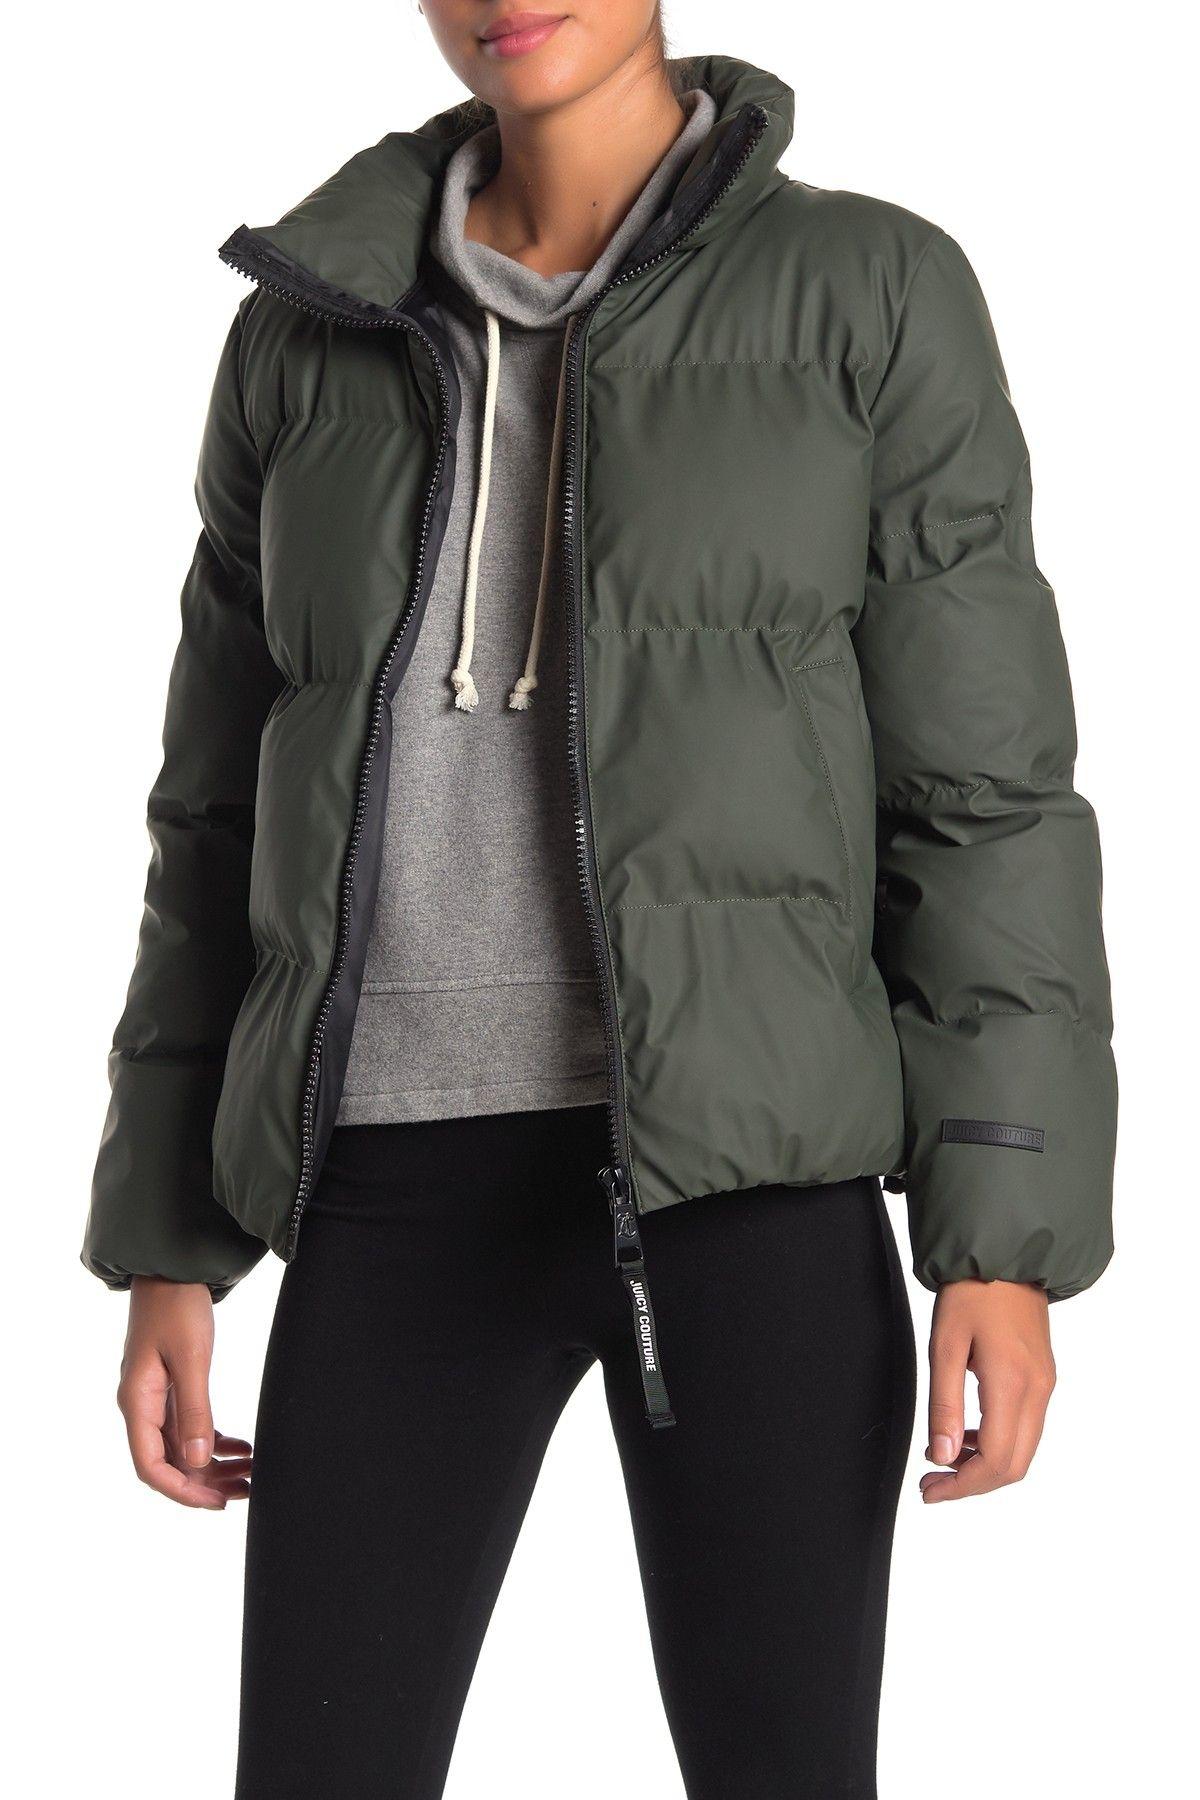 Juicy Couture Cozy Zip Puffer Jacket Nordstrom Rack Juicy Couture Jackets Puffer Jackets [ 1800 x 1200 Pixel ]